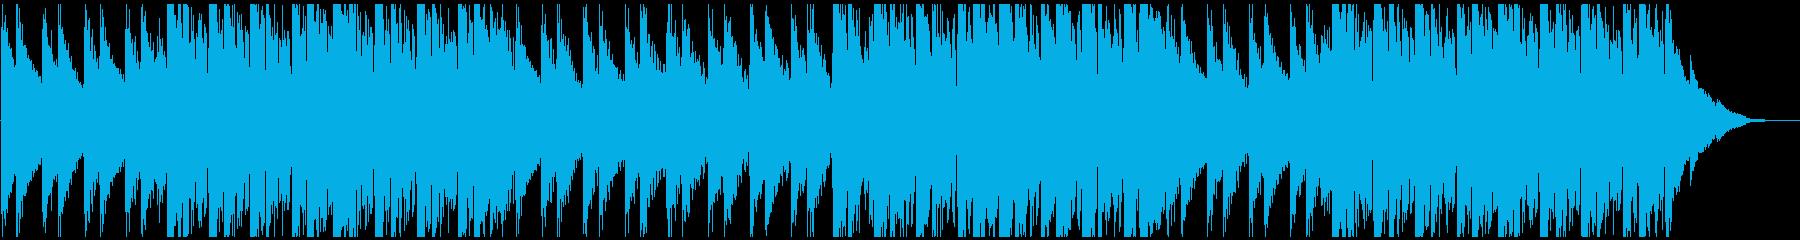 ドラム抜きのパターンの再生済みの波形